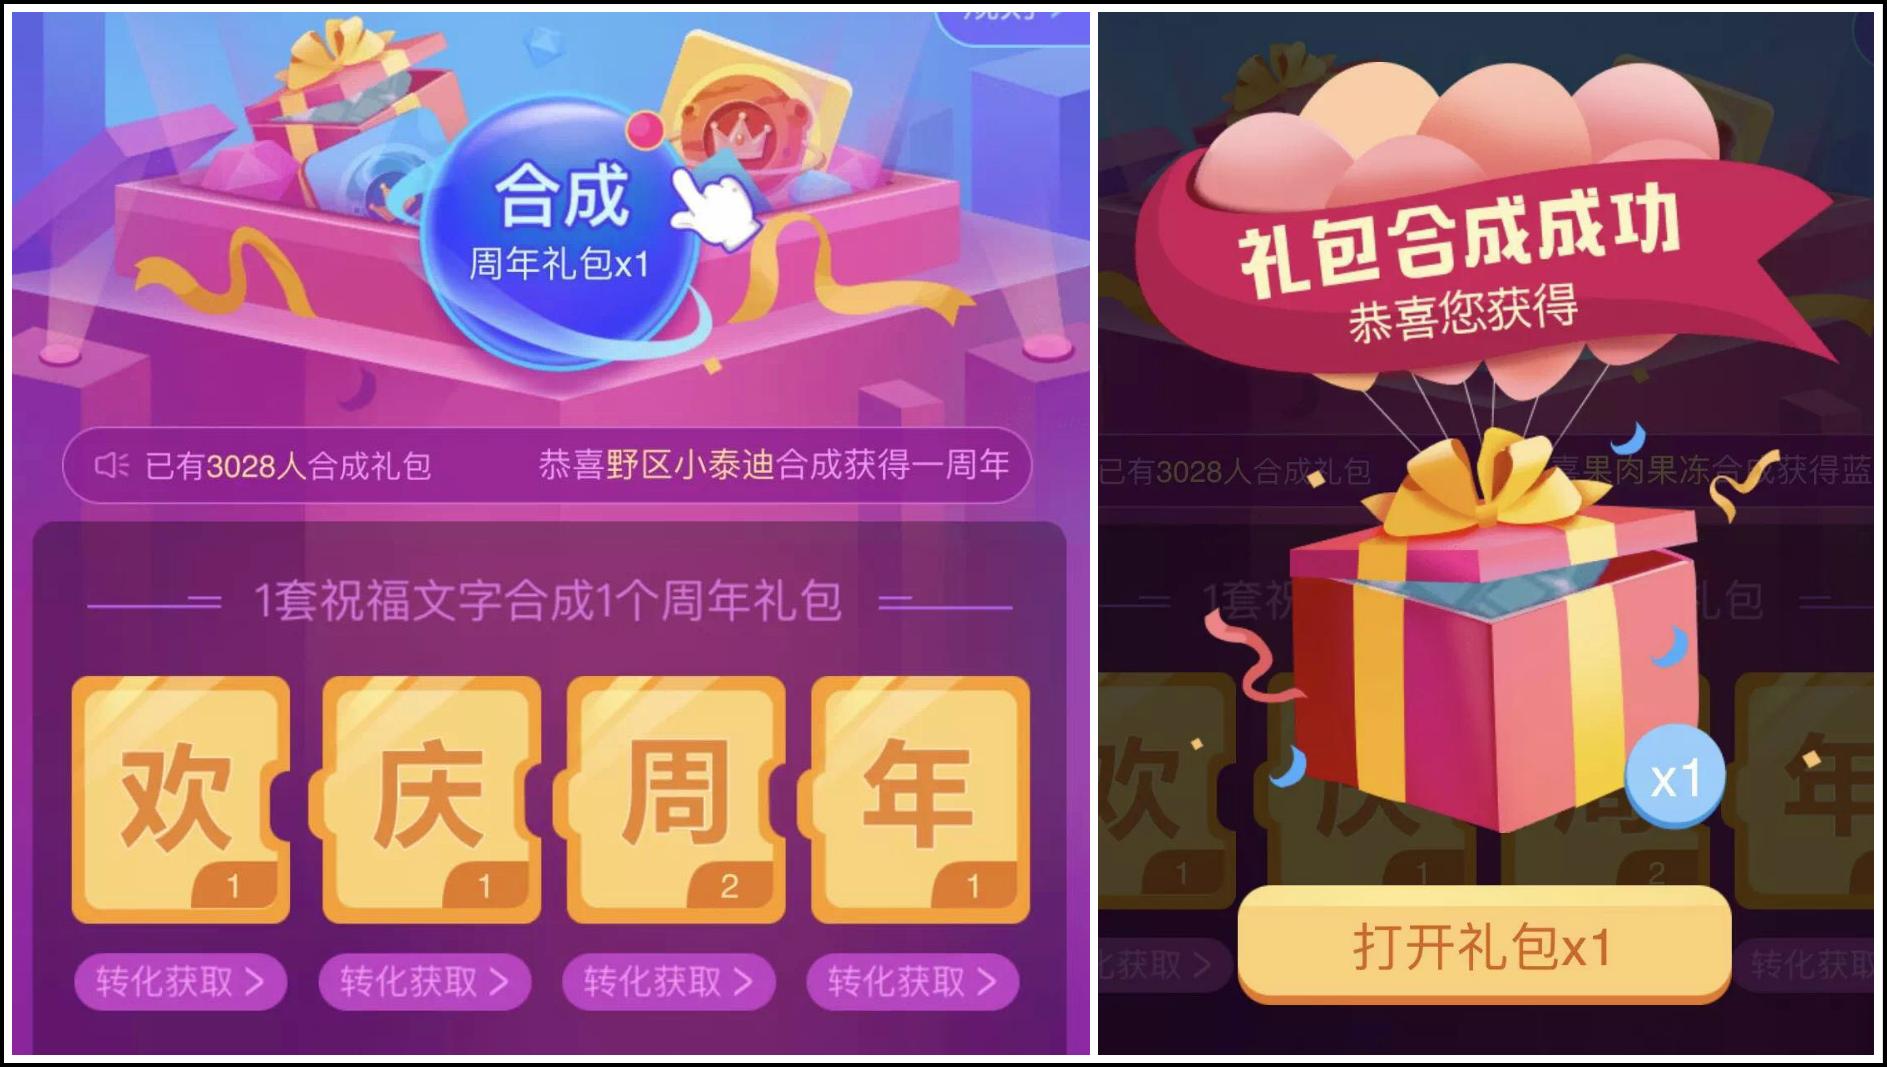 宝石星球:参与周年庆,赢限定永久头像框 手机赚钱 第5张